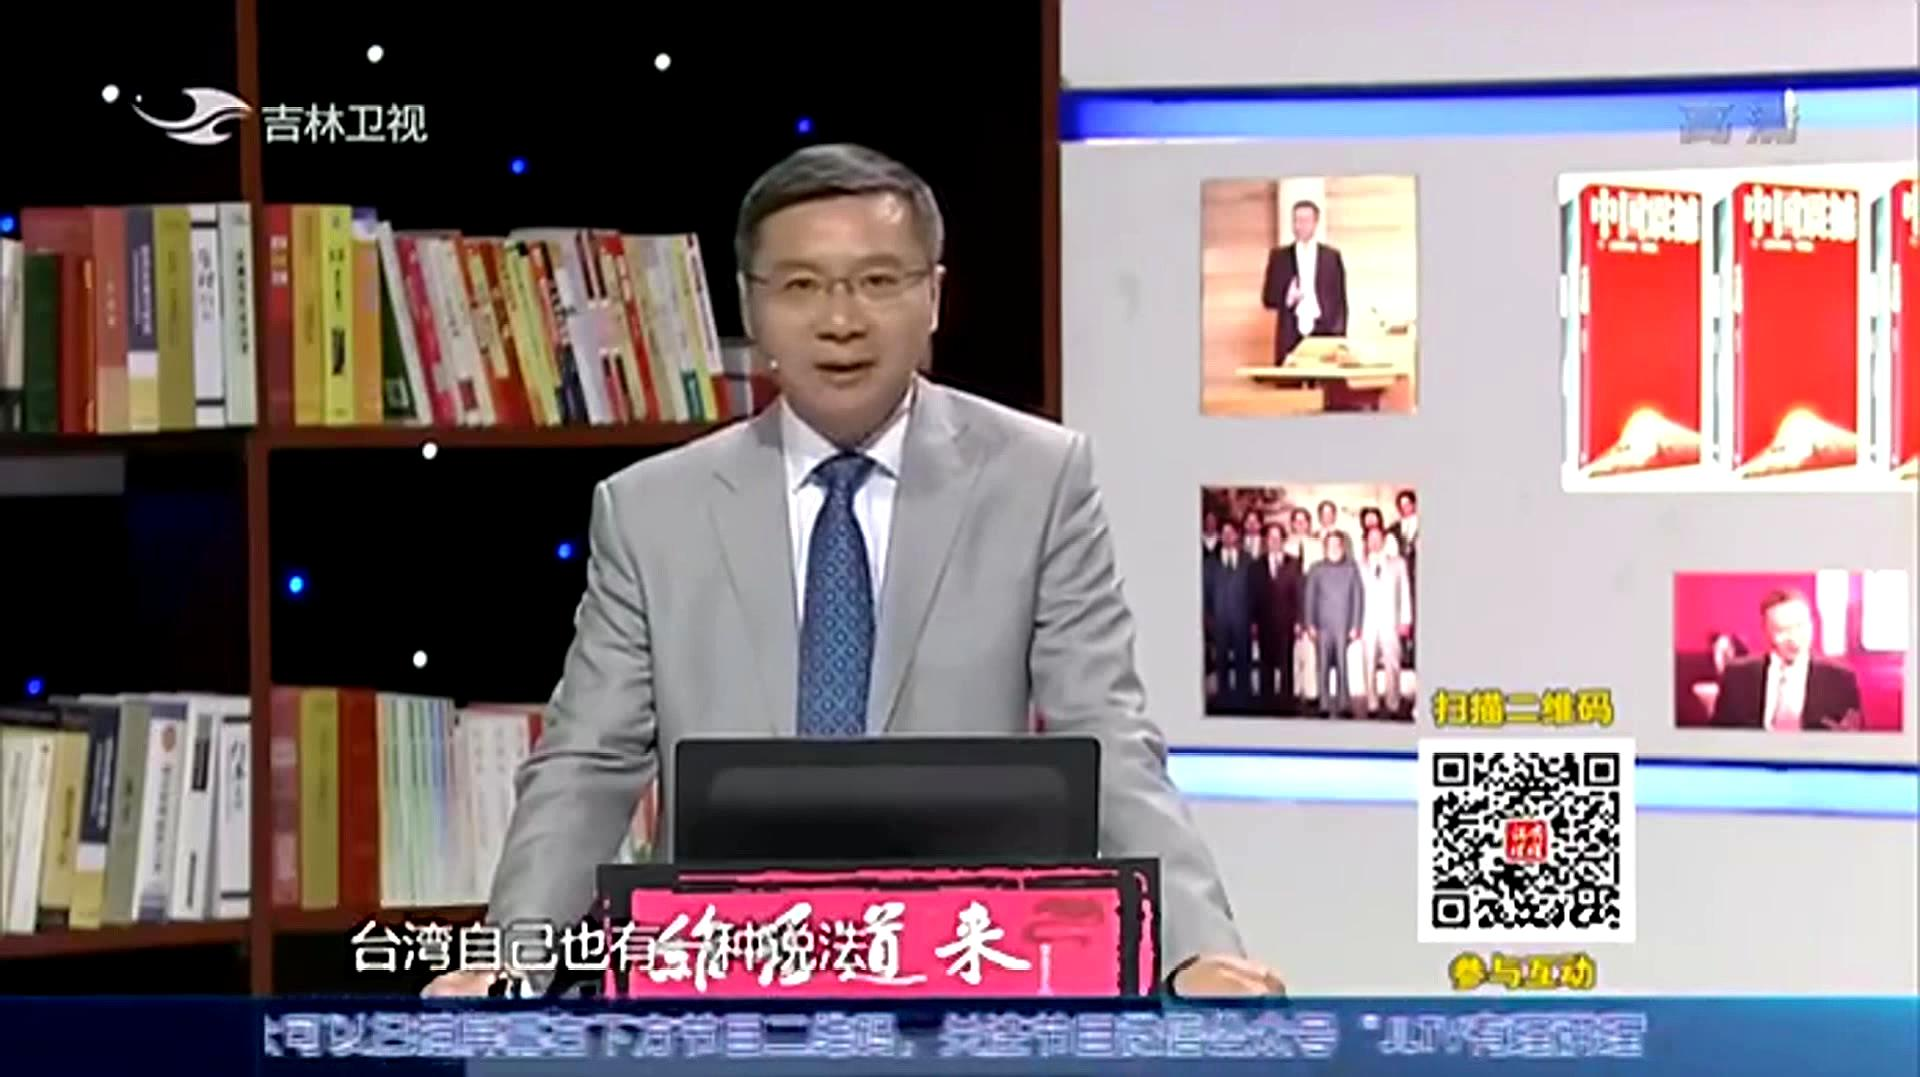 张维为丨剖析台湾民主